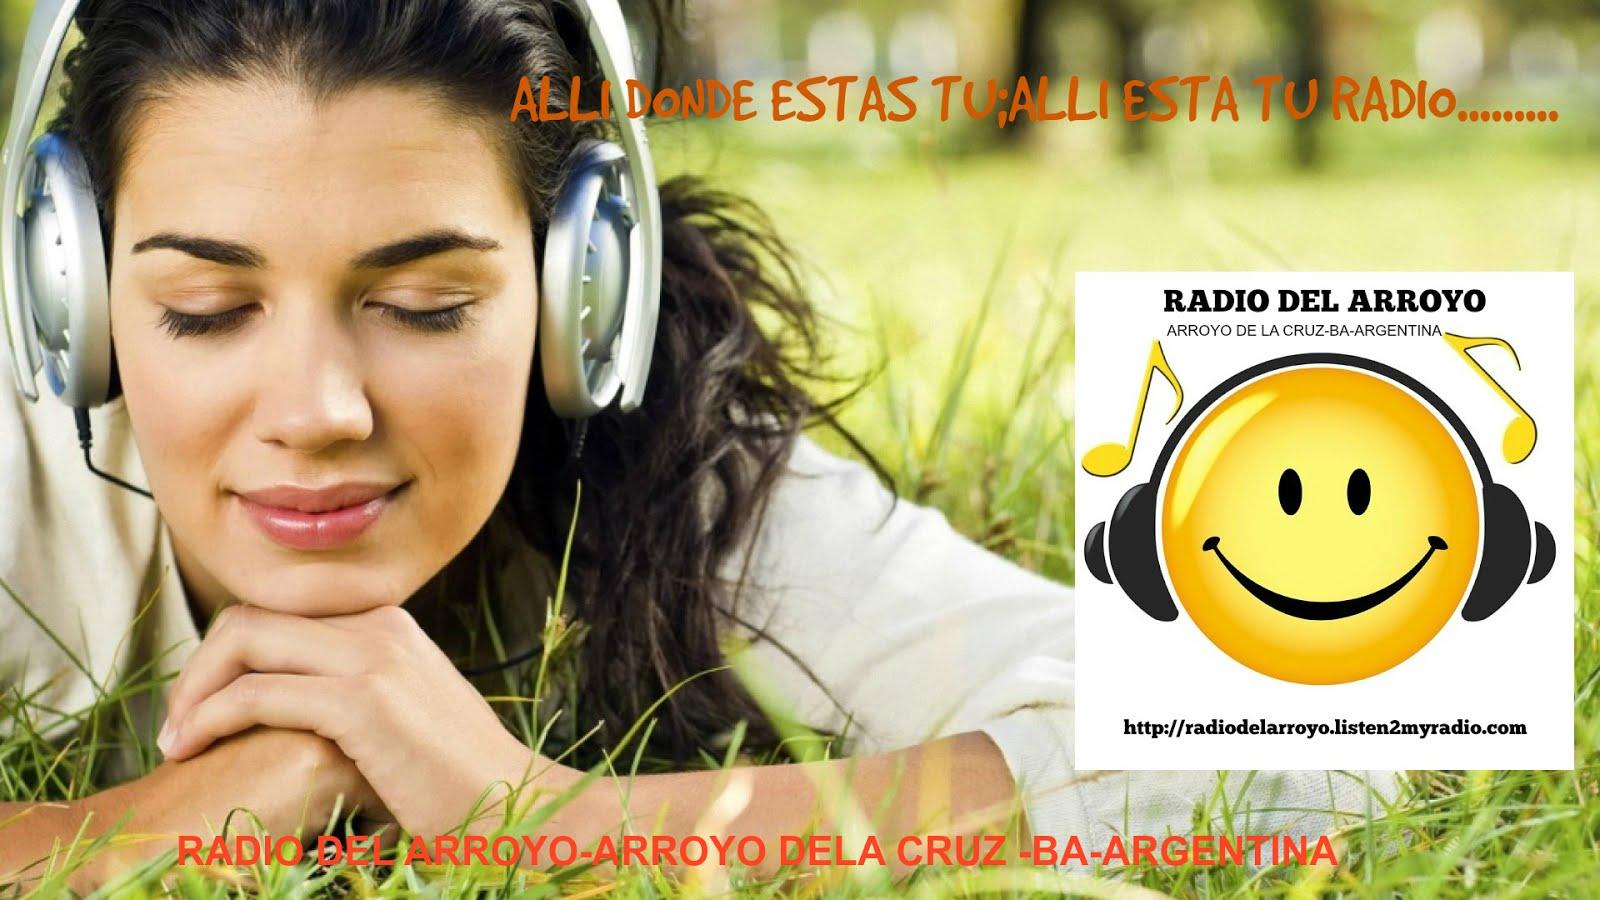 RADIO DEL ARROYO